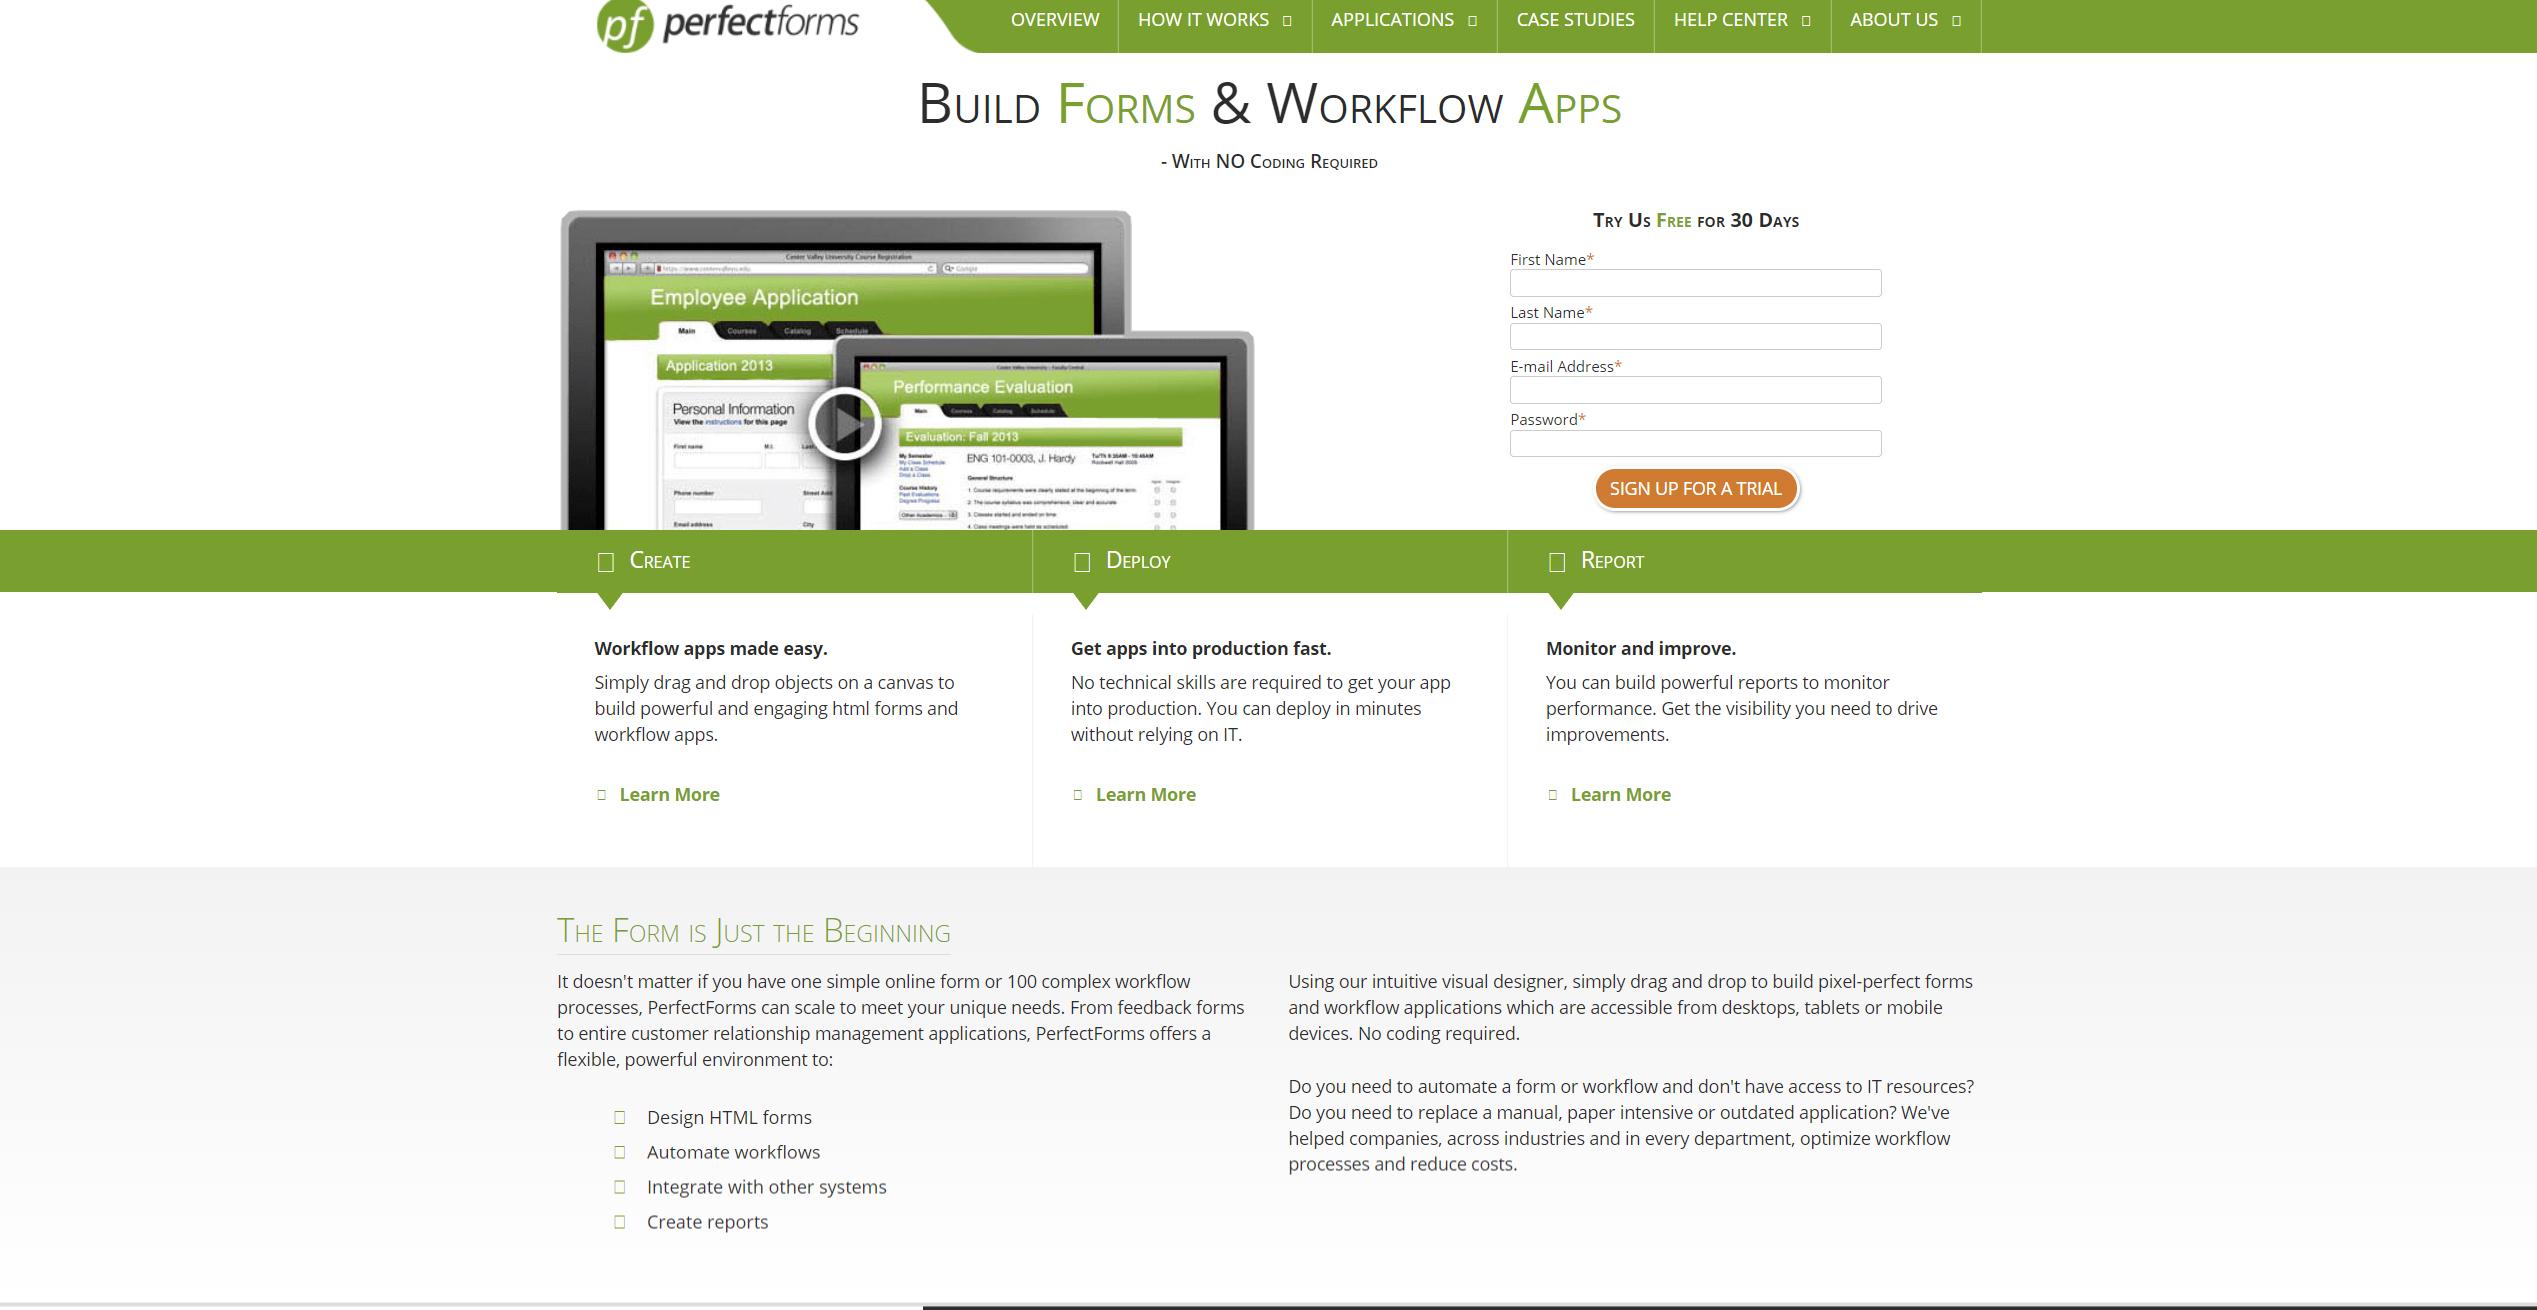 perfectforms.com